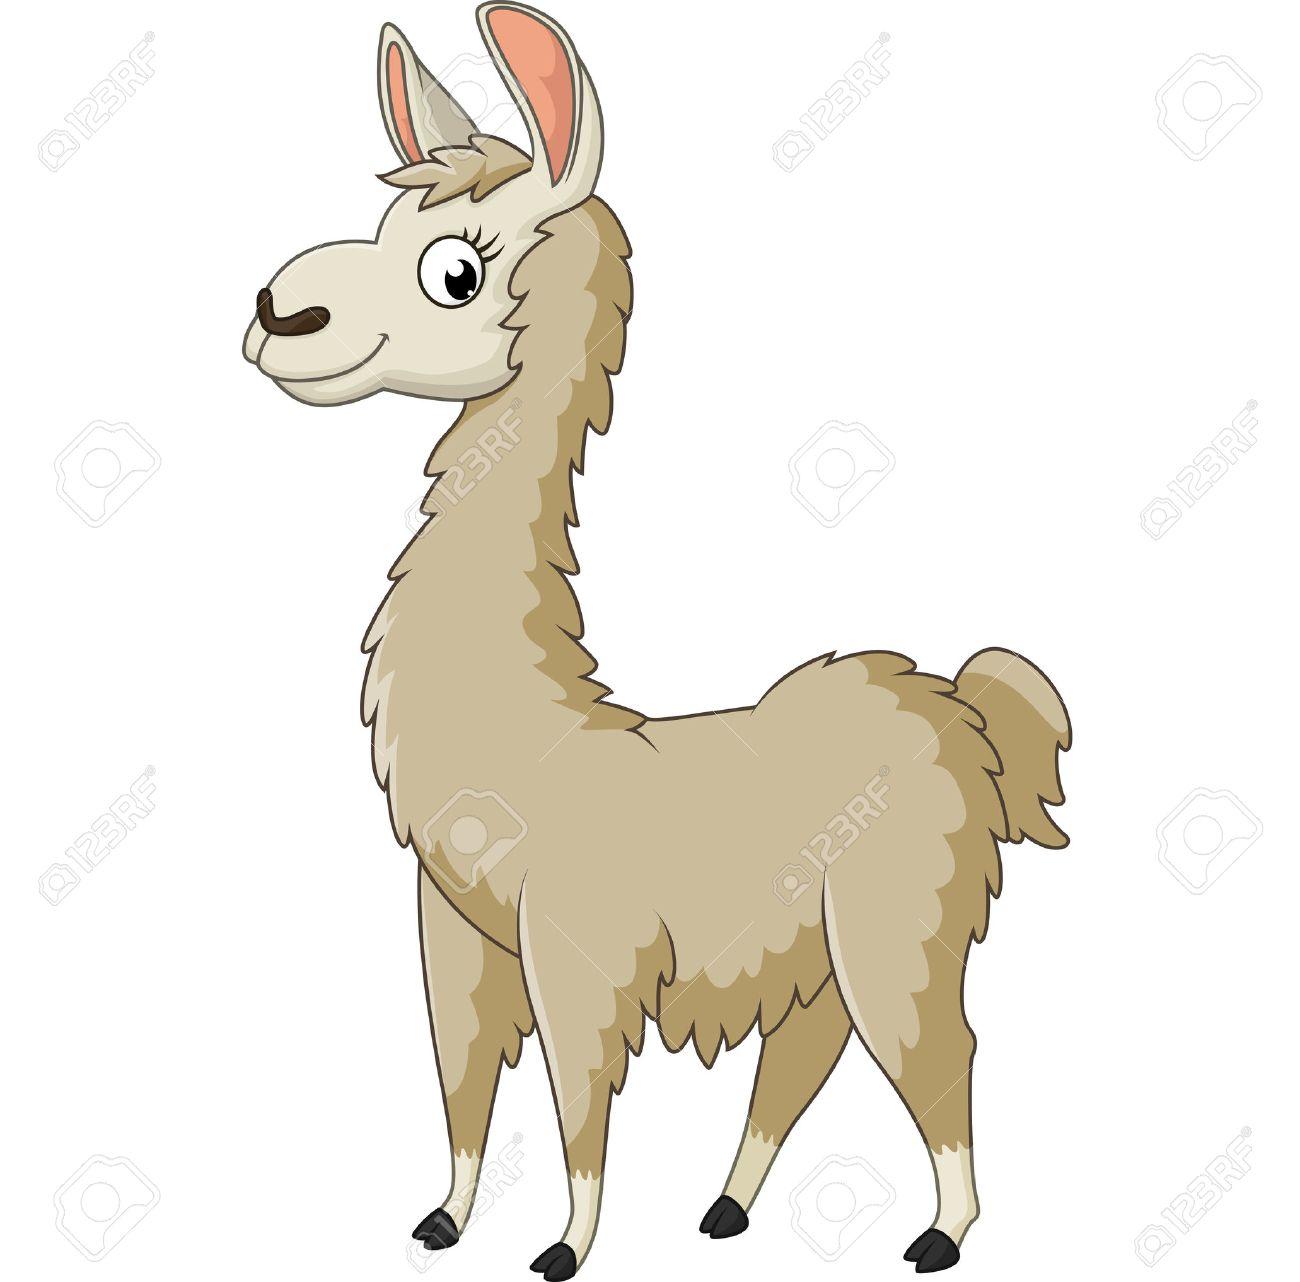 hight resolution of llama cartoon stock vector 56878211